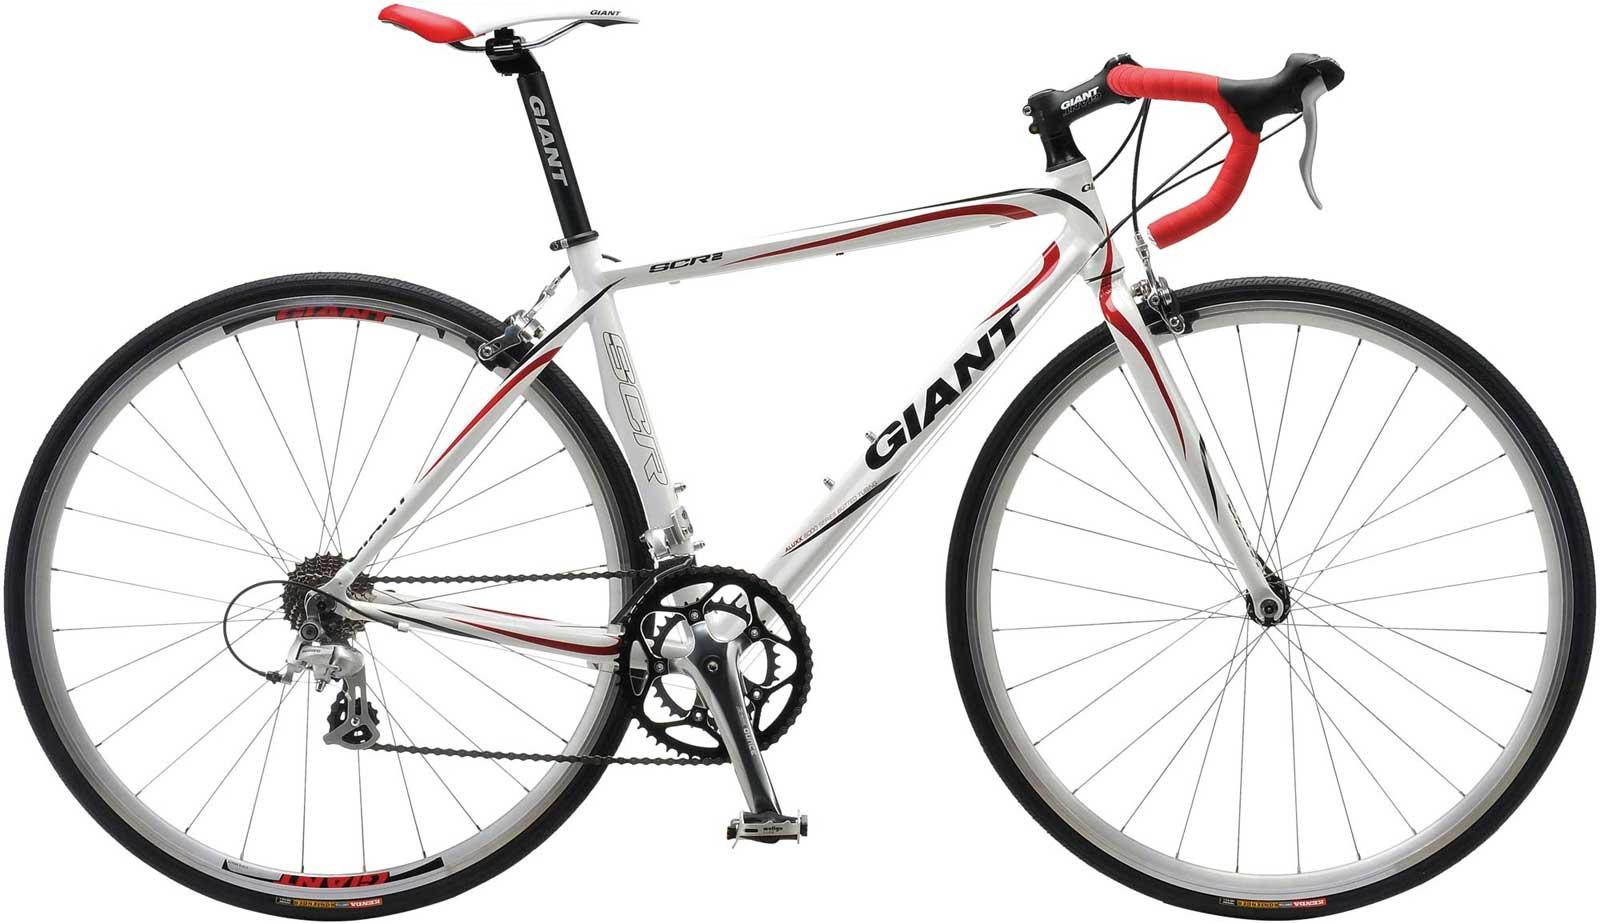 Bicicleta de Ruta / Rutera